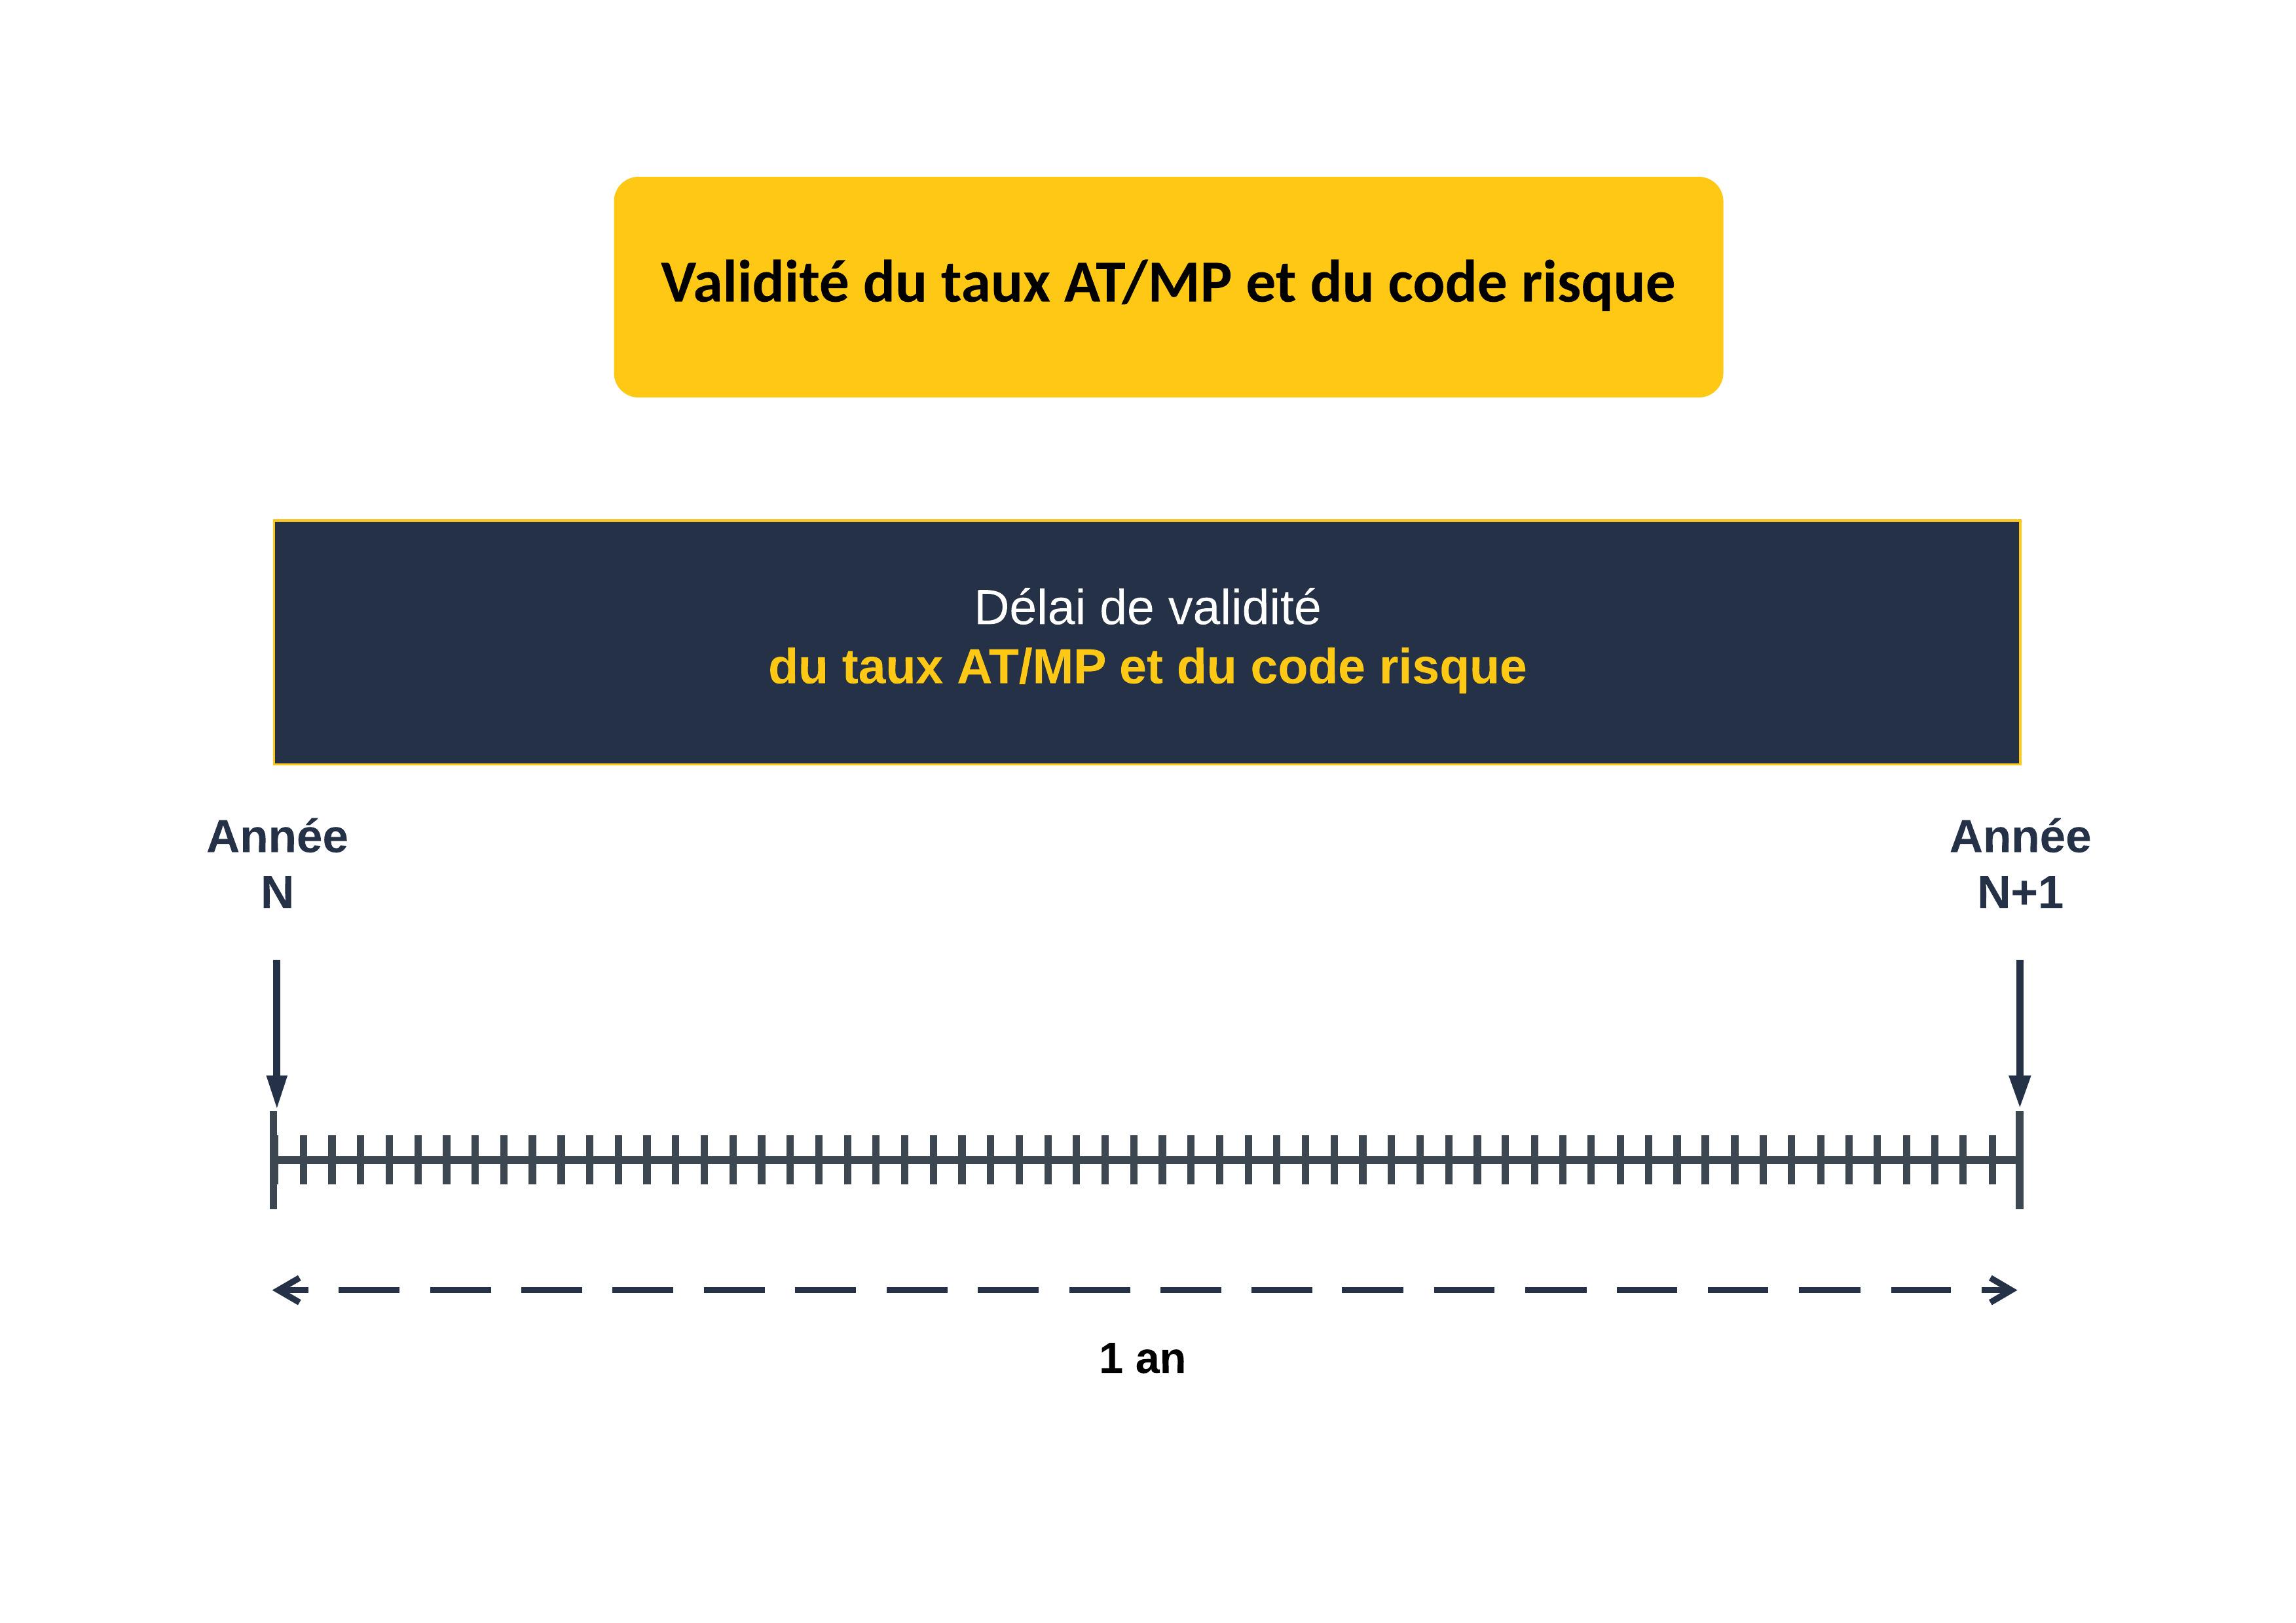 Validité du taux AT/MP et du code risque